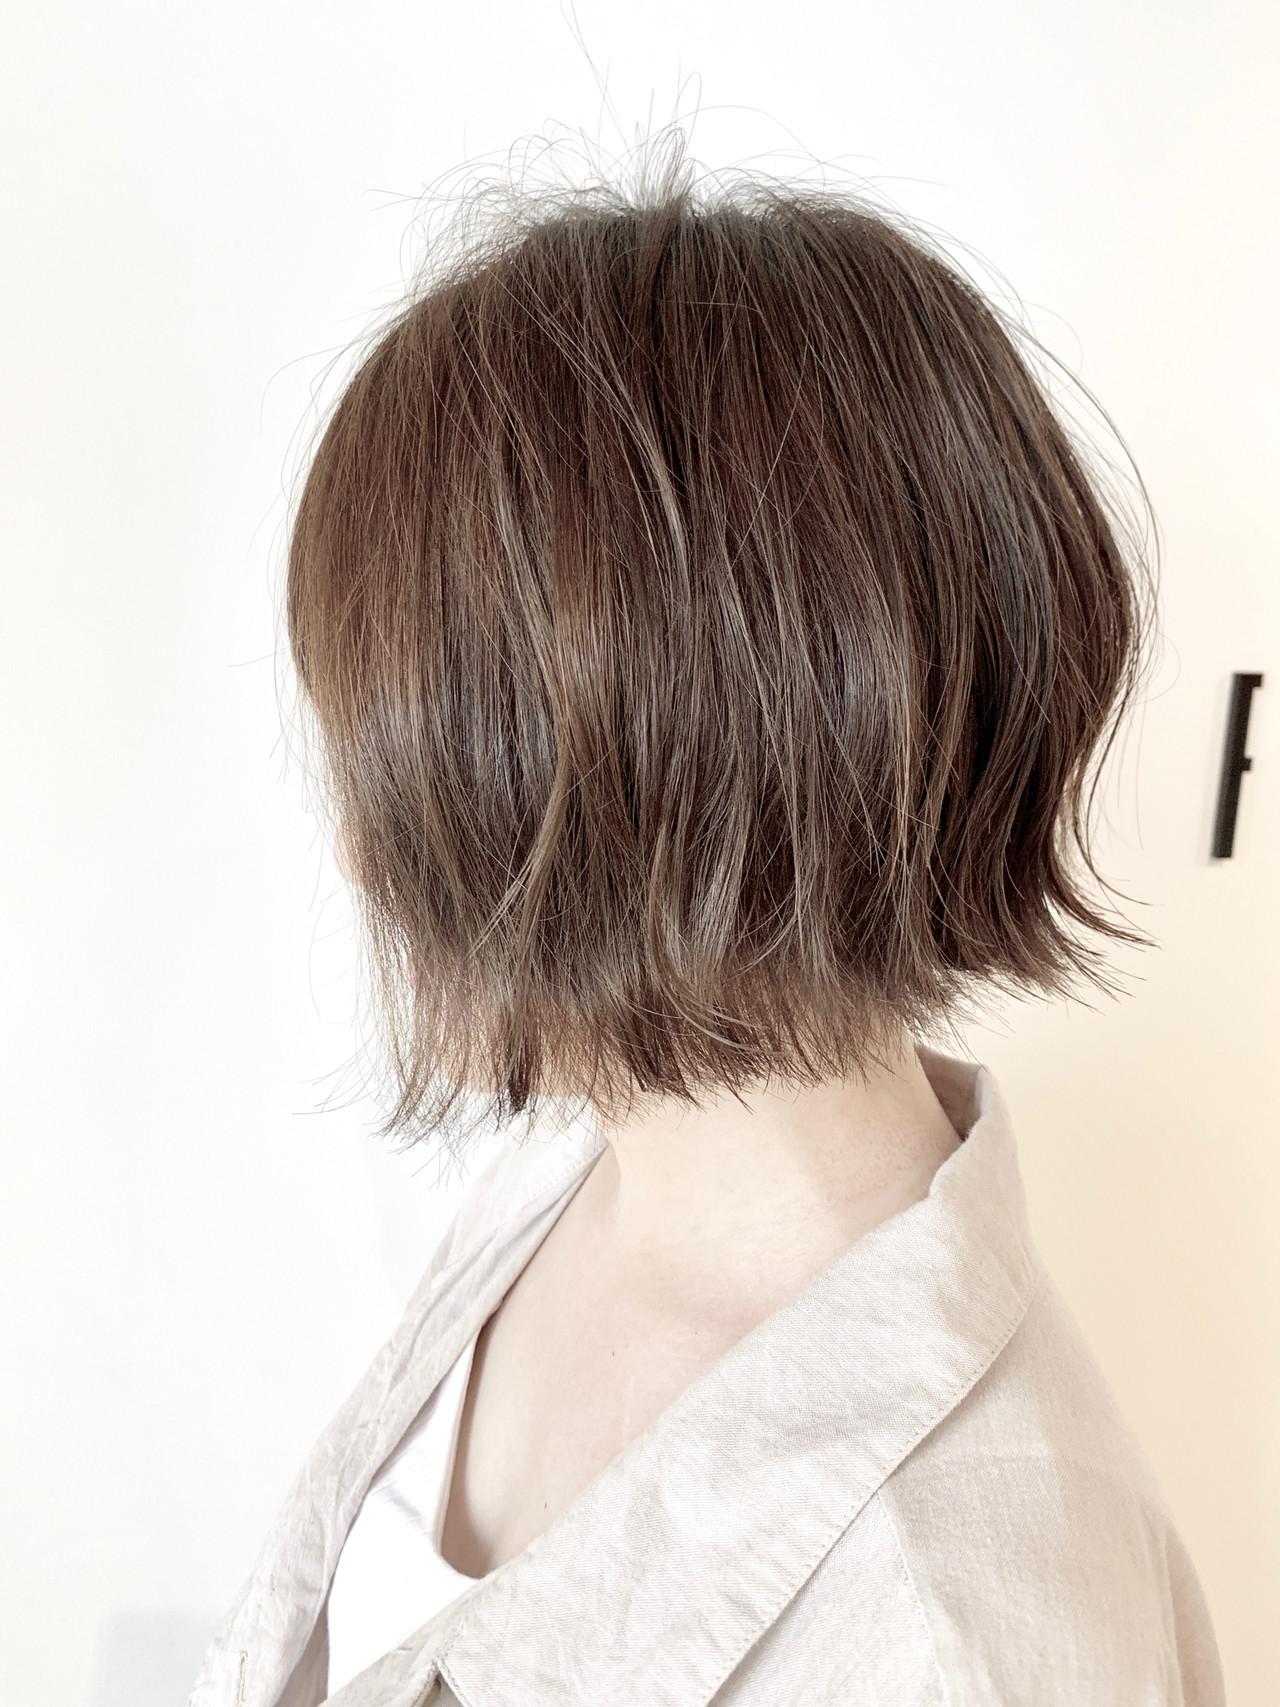 カーキアッシュ ショートボブ フェミニン 大人可愛い ヘアスタイルや髪型の写真・画像 | 村上 駿 / FRAMES hair design